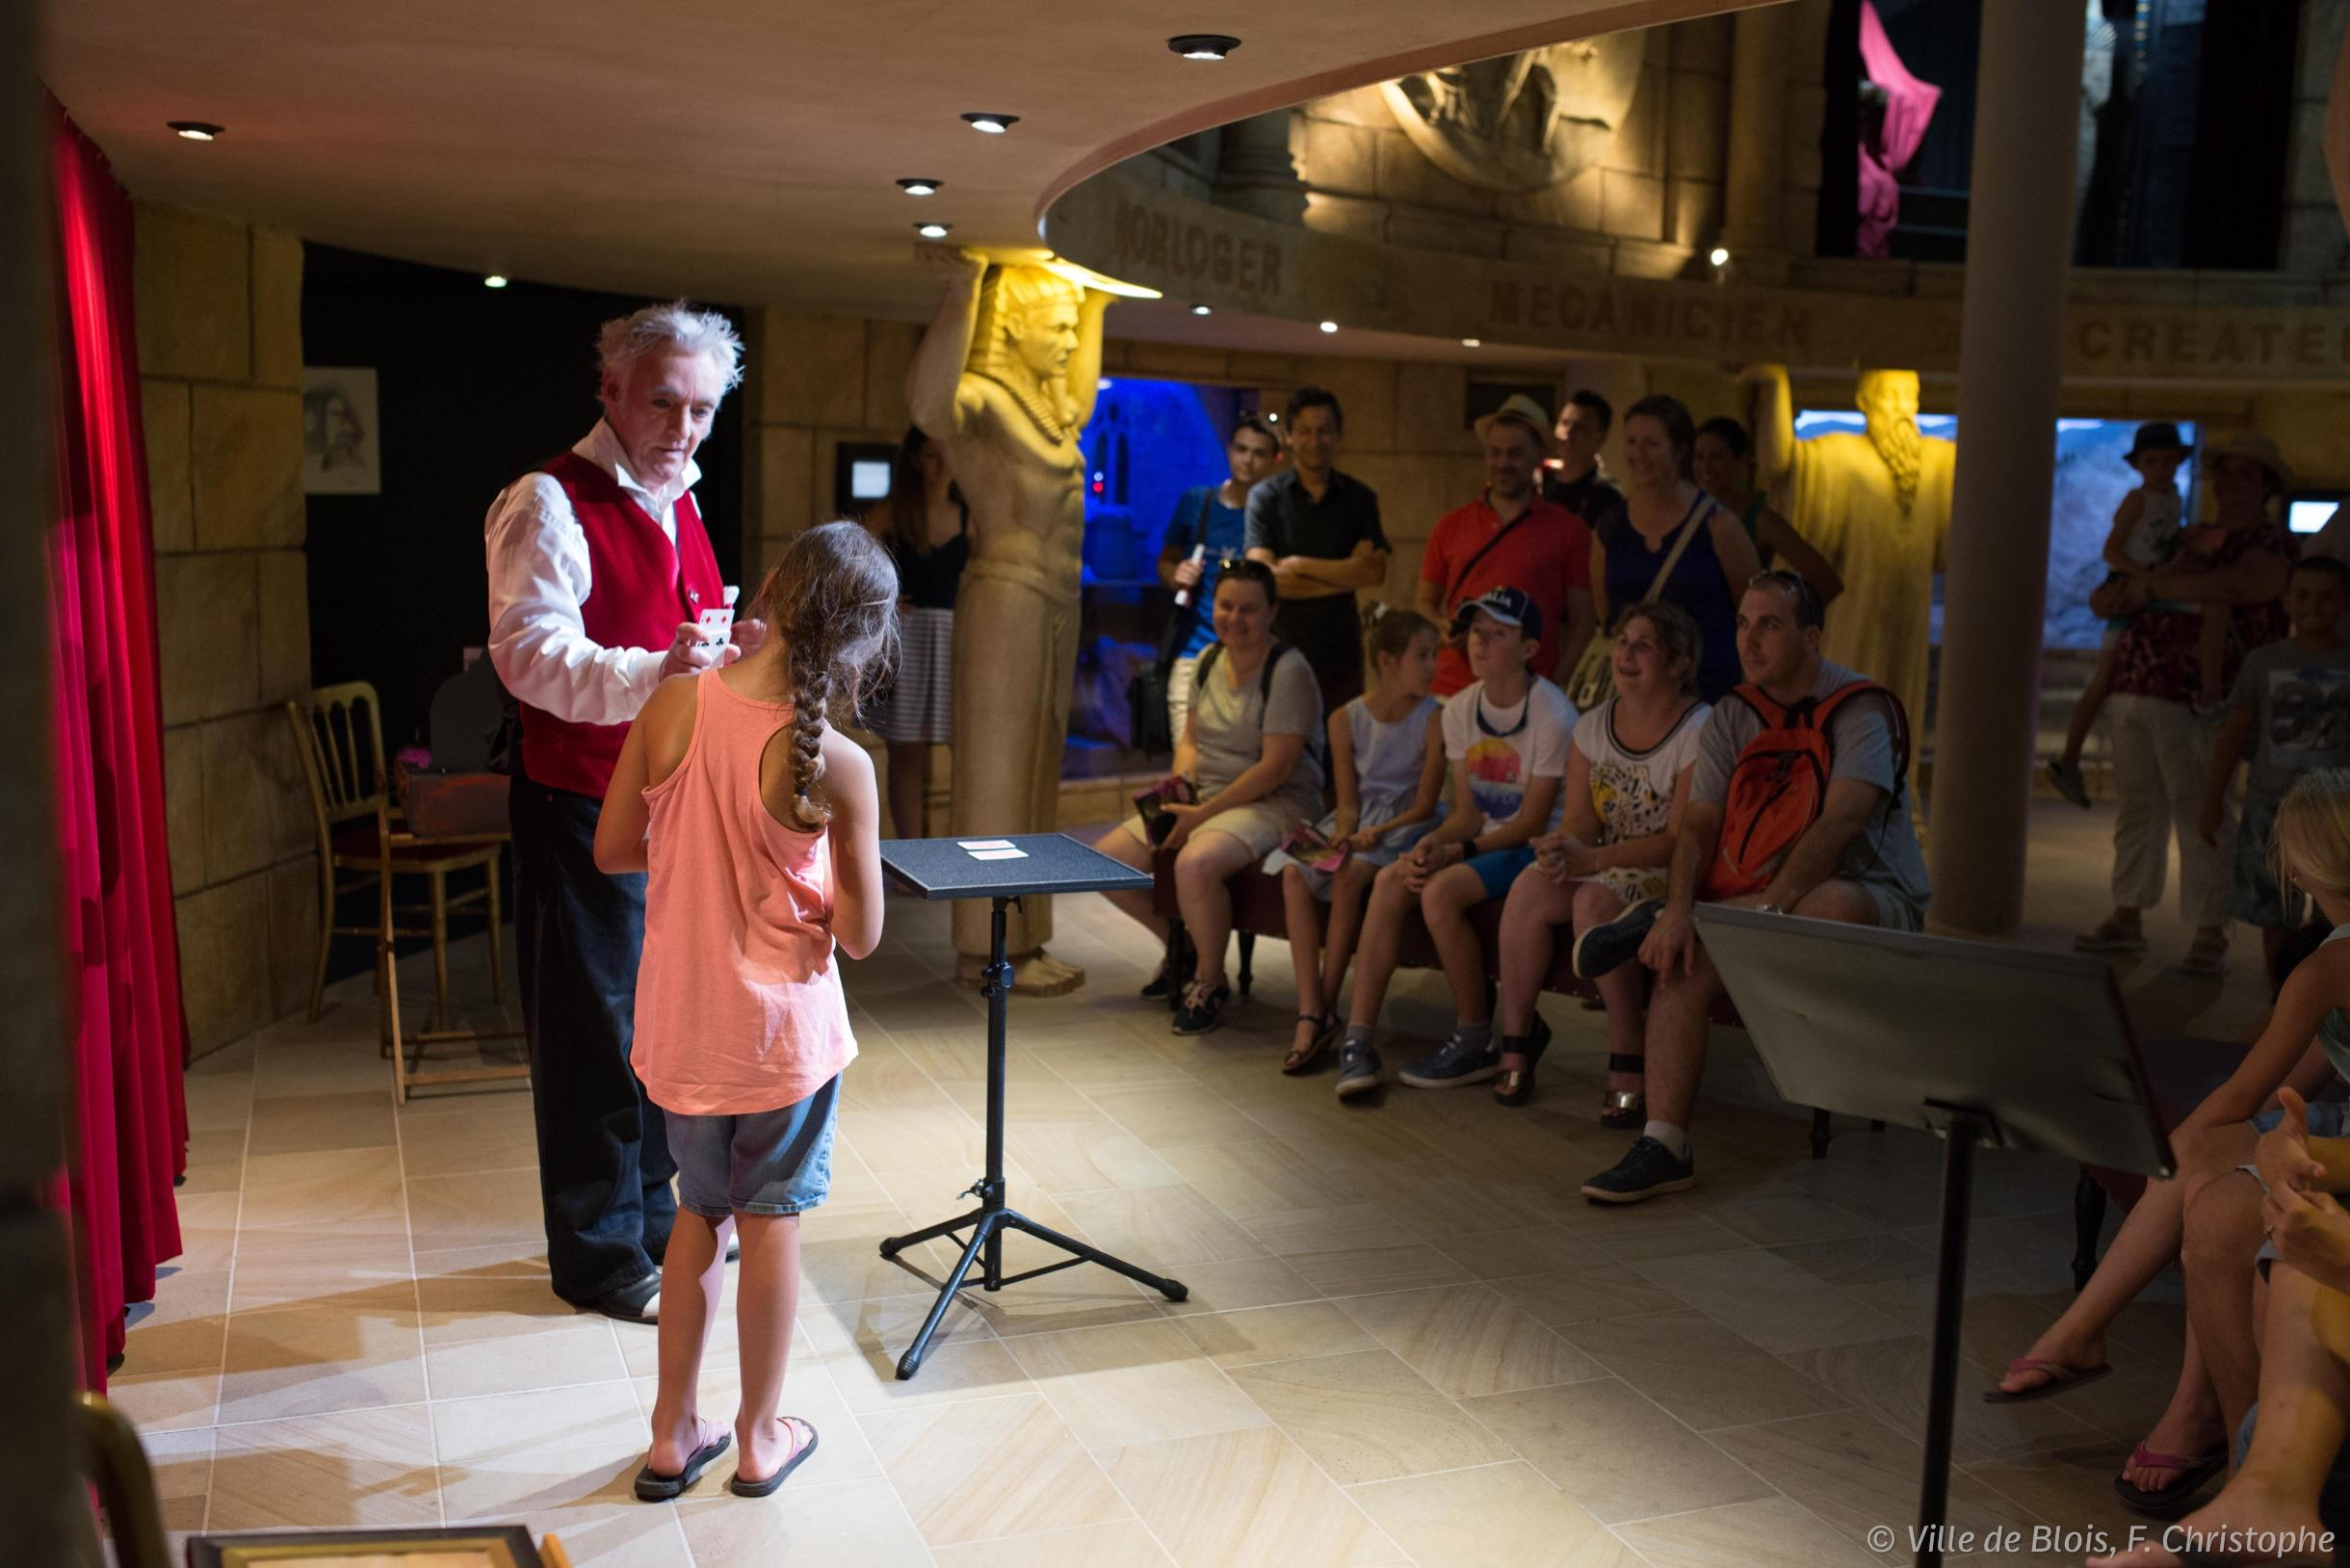 Spectacle de magie interactif dans la Rotonde de la Maison de la magie.